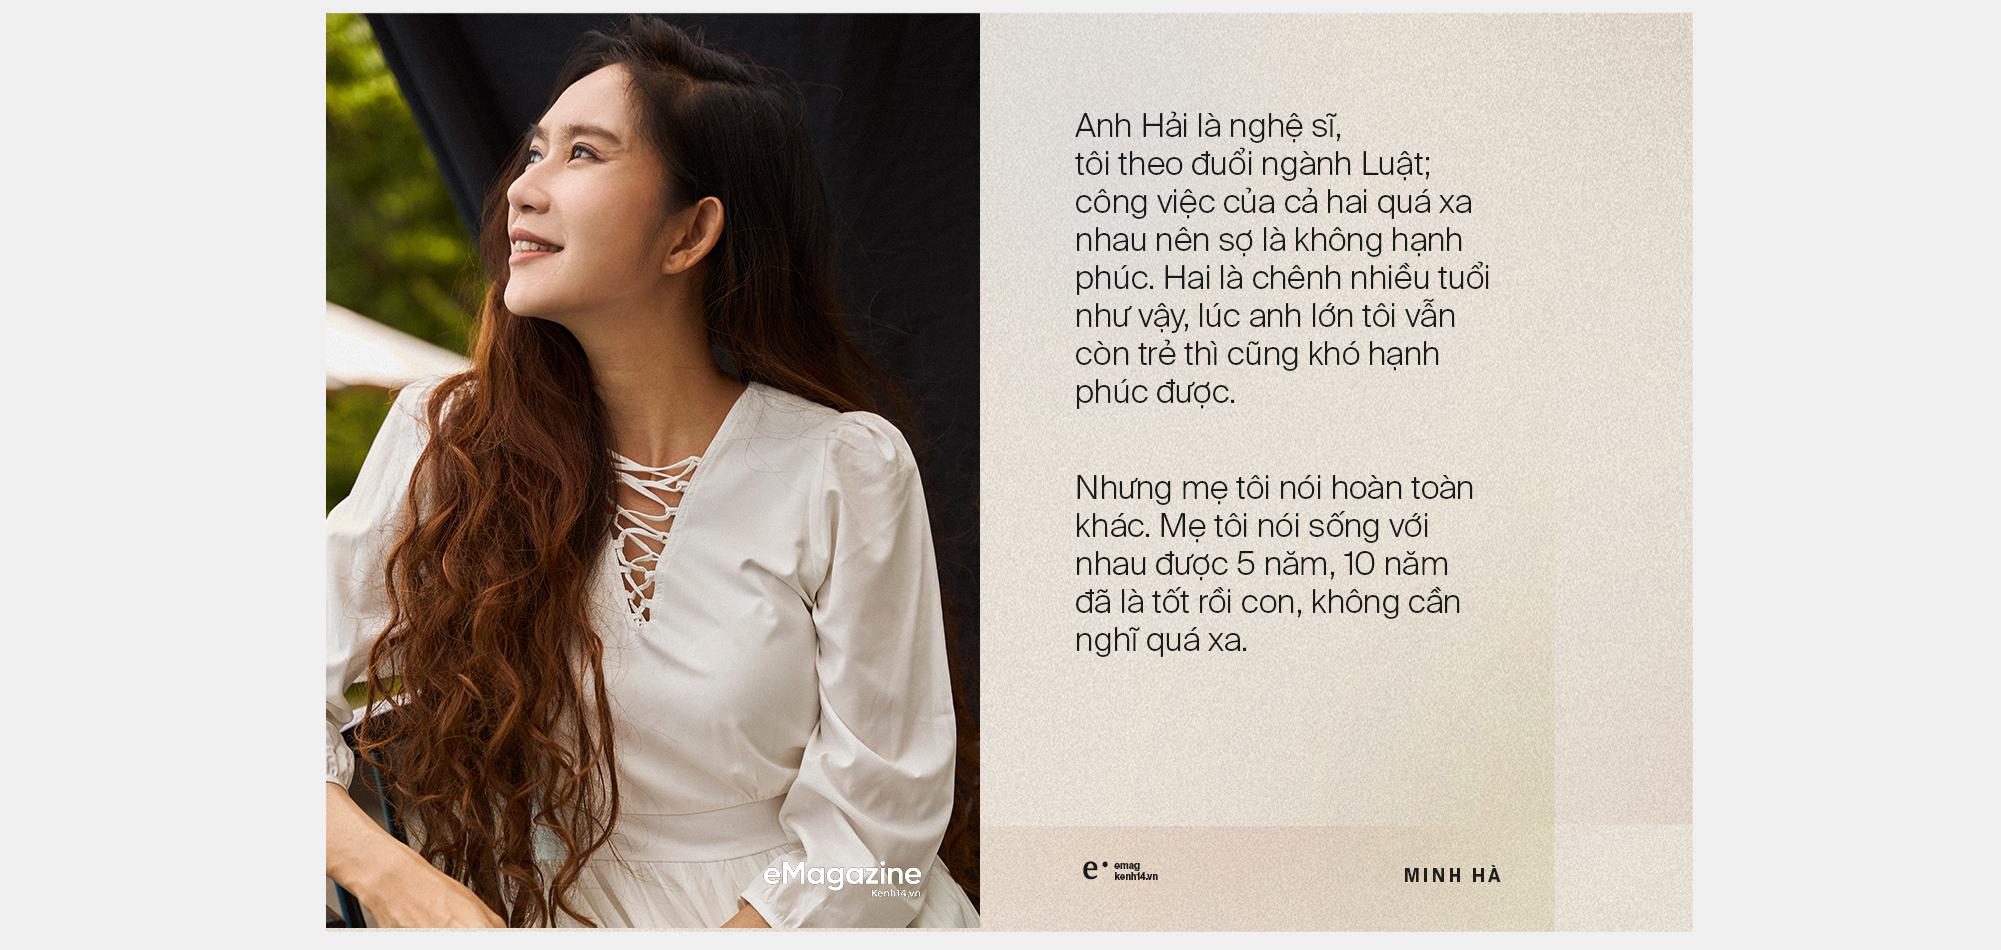 Lý Hải - Minh Hà: 16 năm bên nhau, cùng mơ một giấc mơ chung dù chưa từng nói câu 'Anh yêu em' - Ảnh 27.